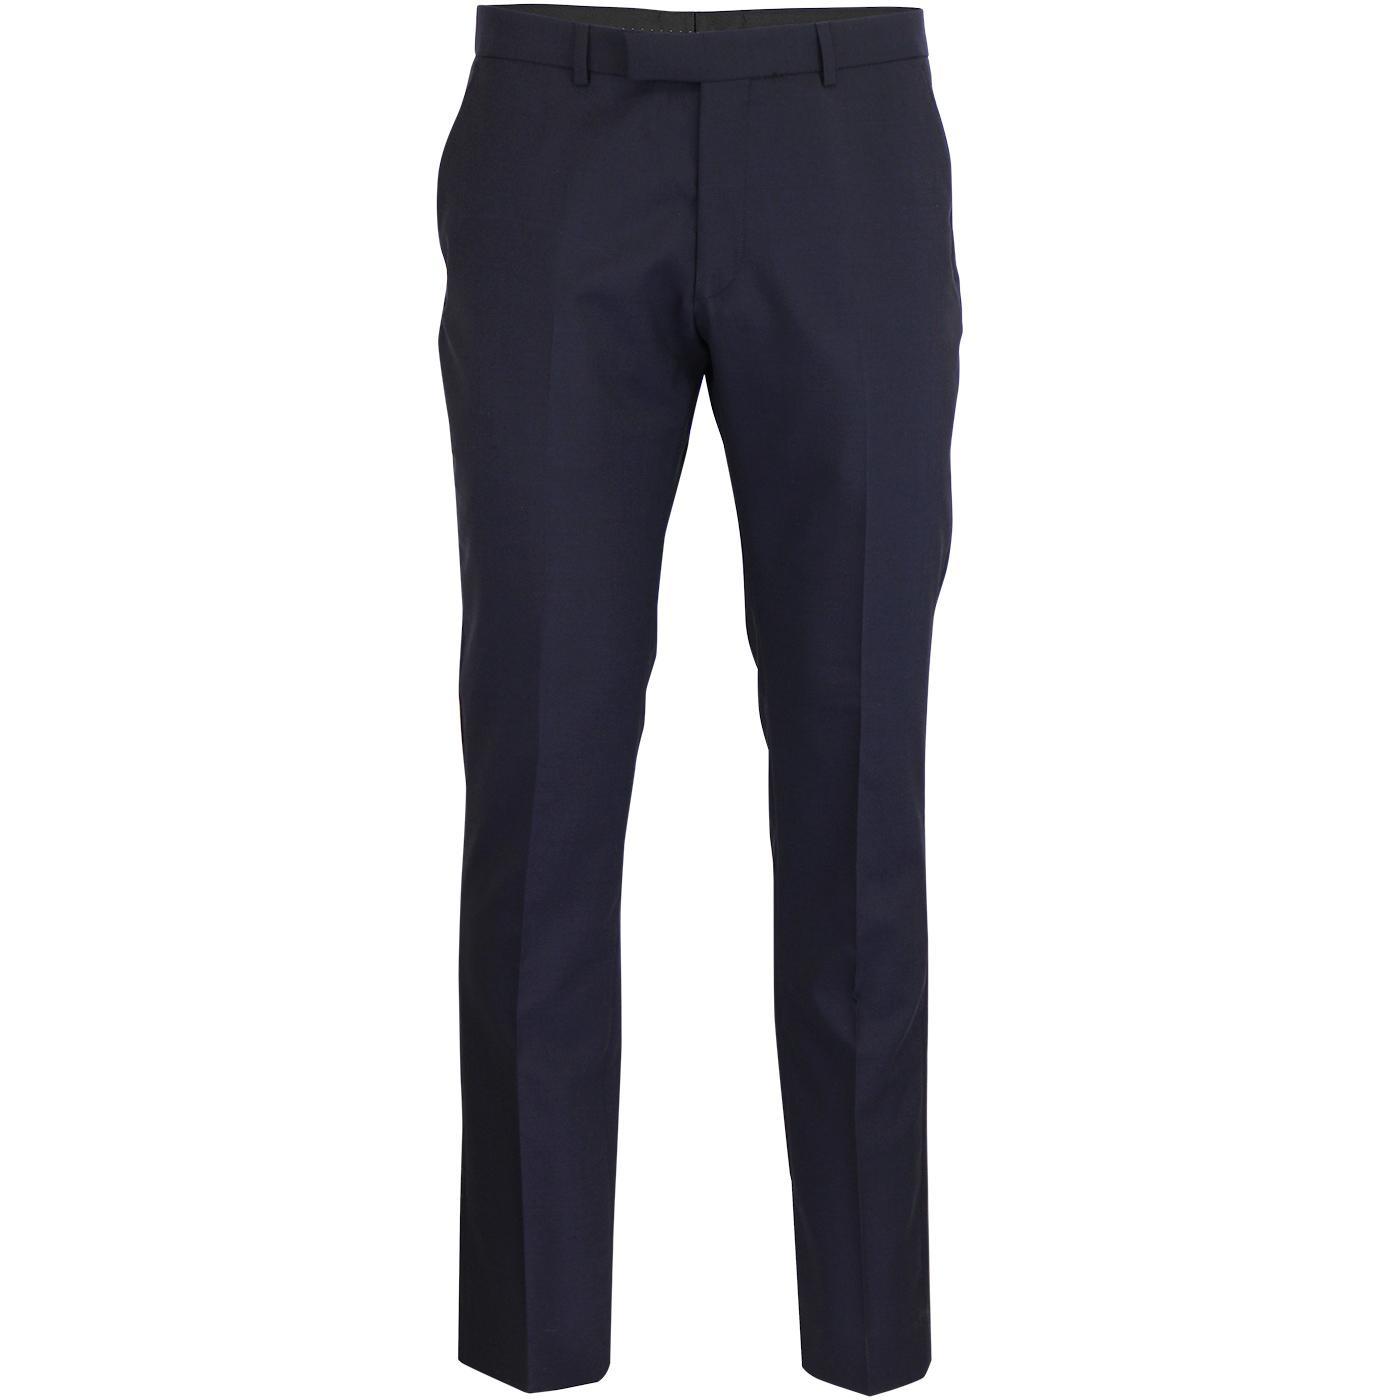 BEN SHERMAN Mod Tonic Suit Trousers (Blue Depths)